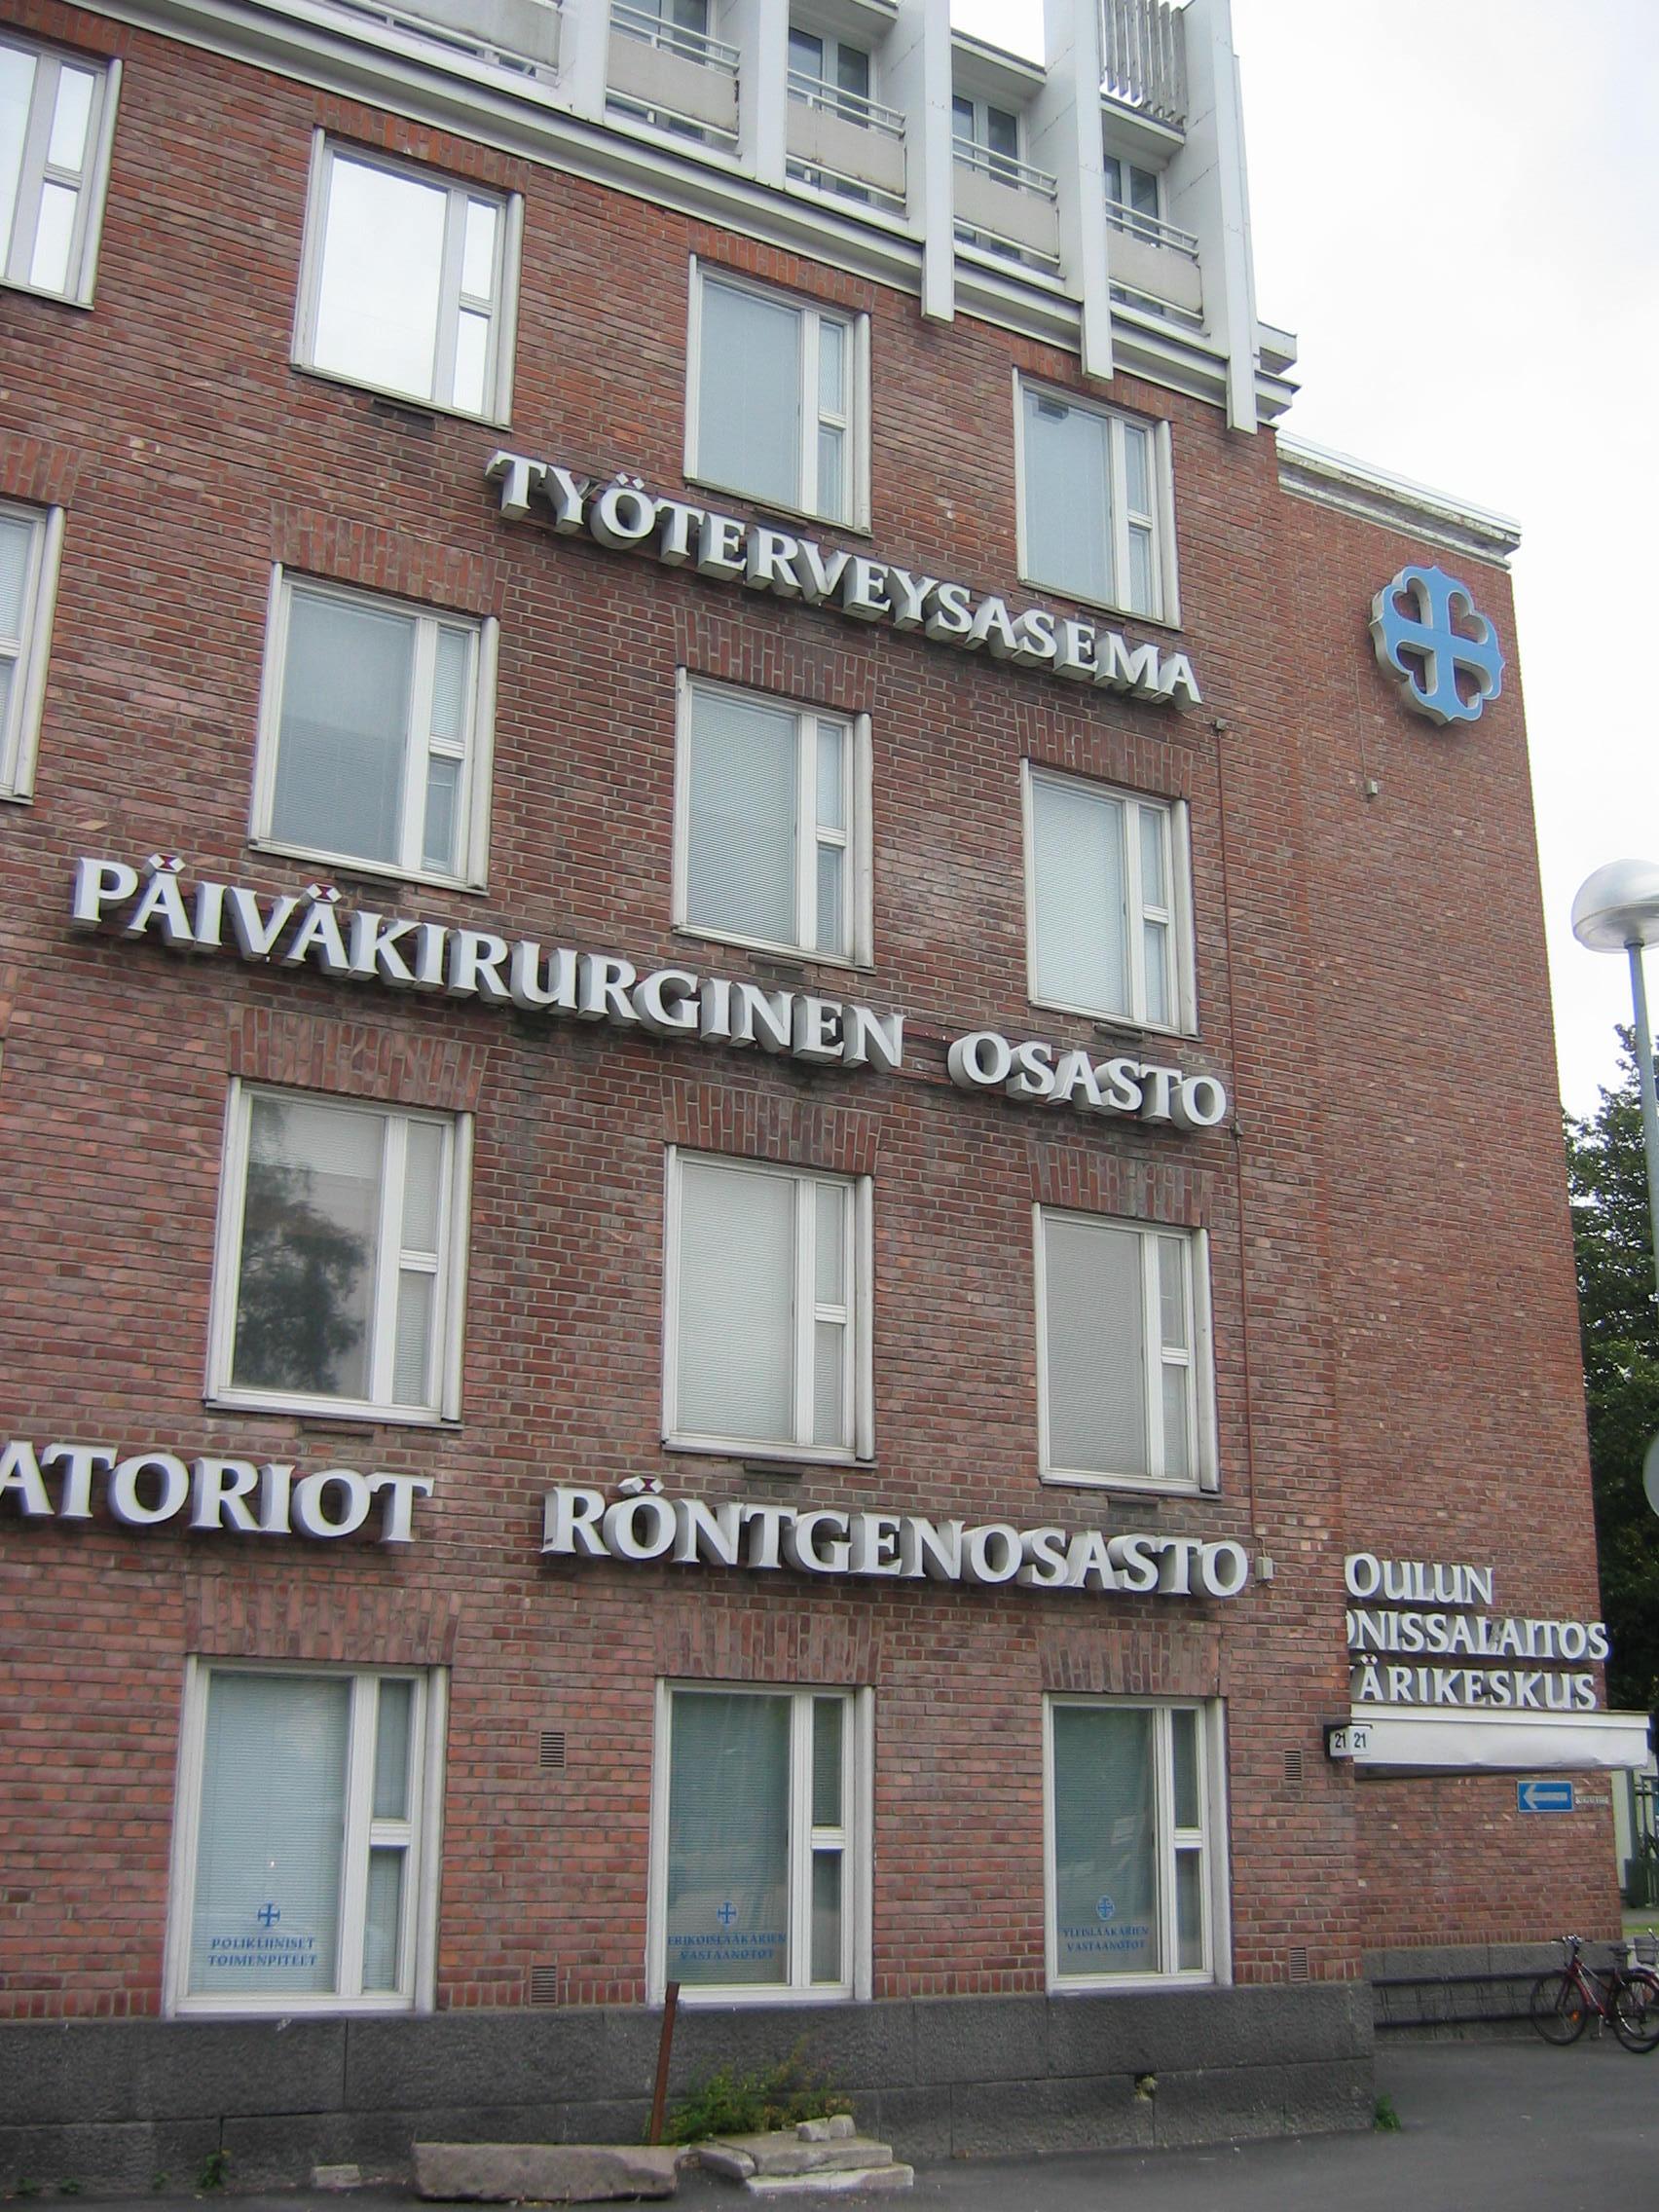 Oulun Diakonissalaitos